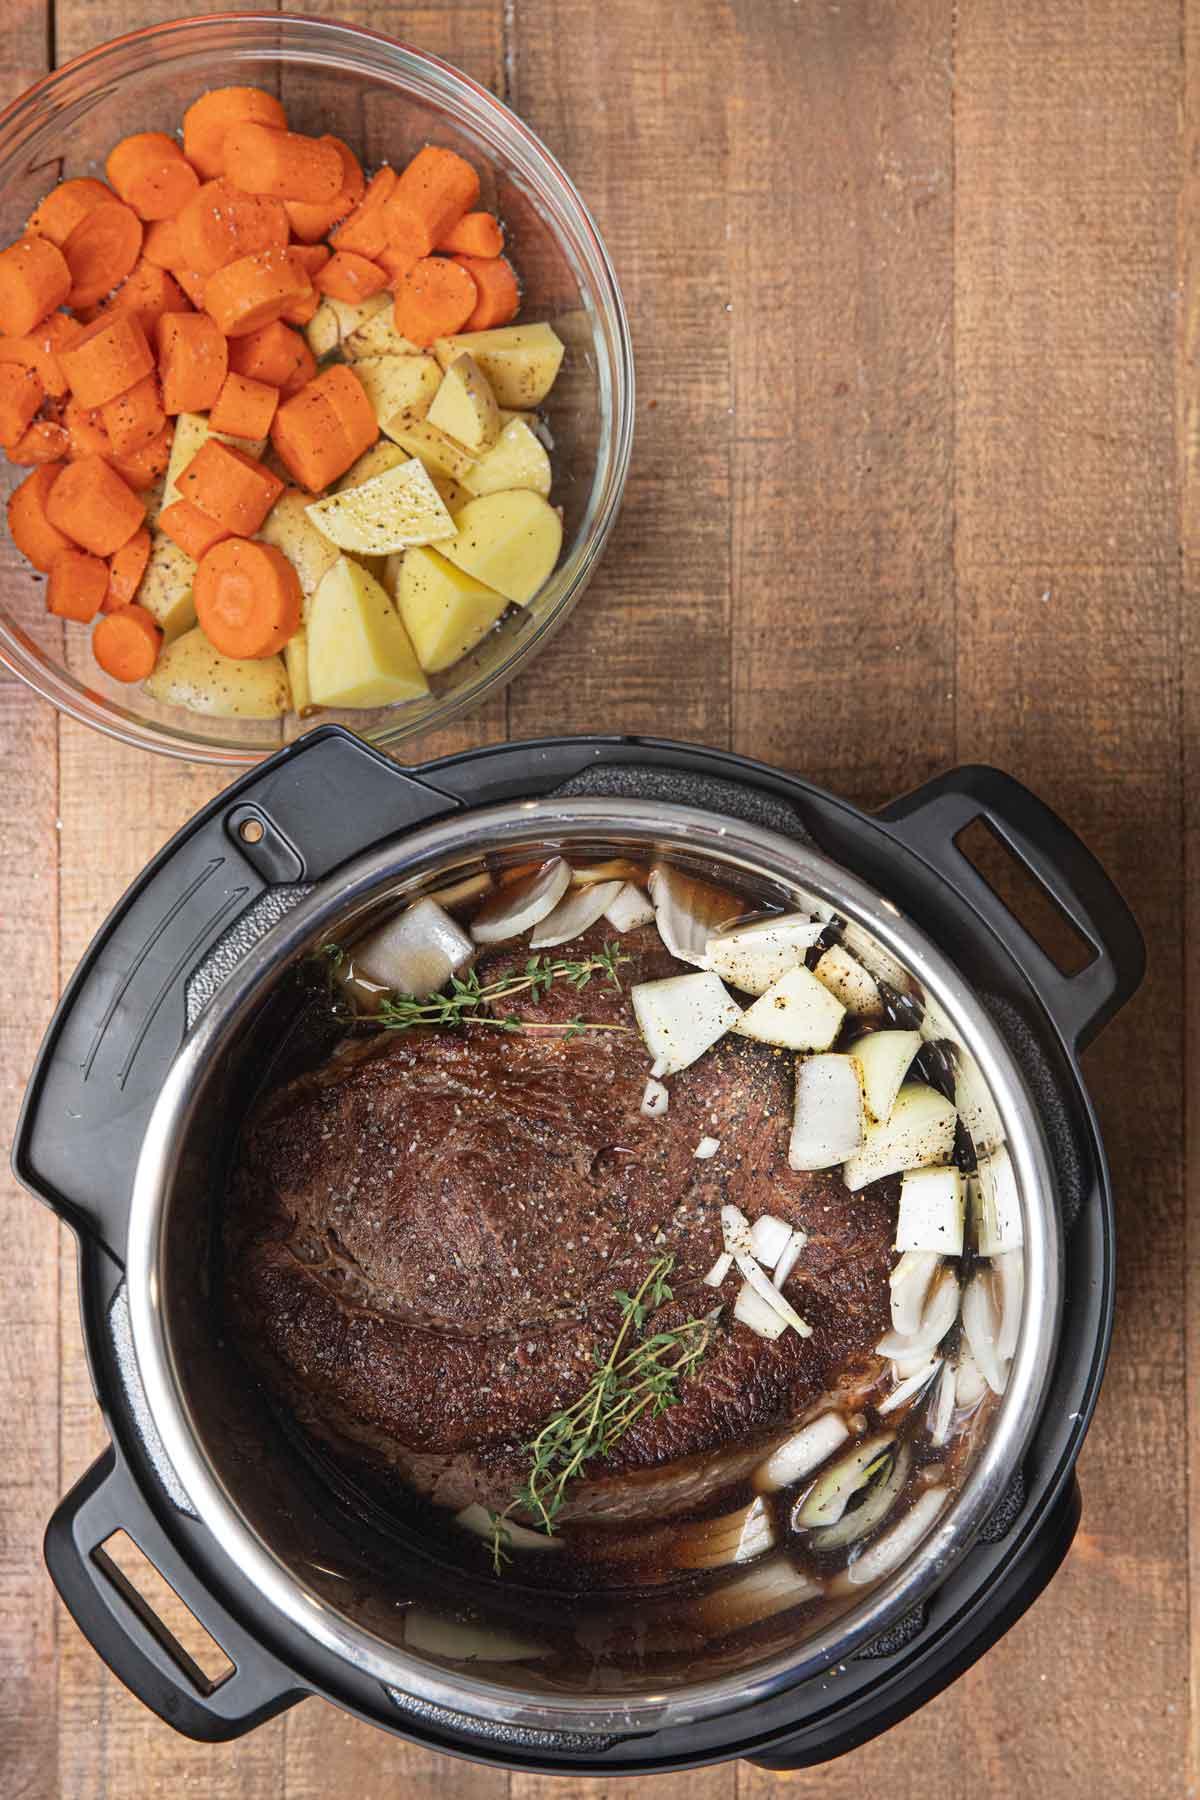 Instant Pot Beef Pot Roast ingredients before cooking